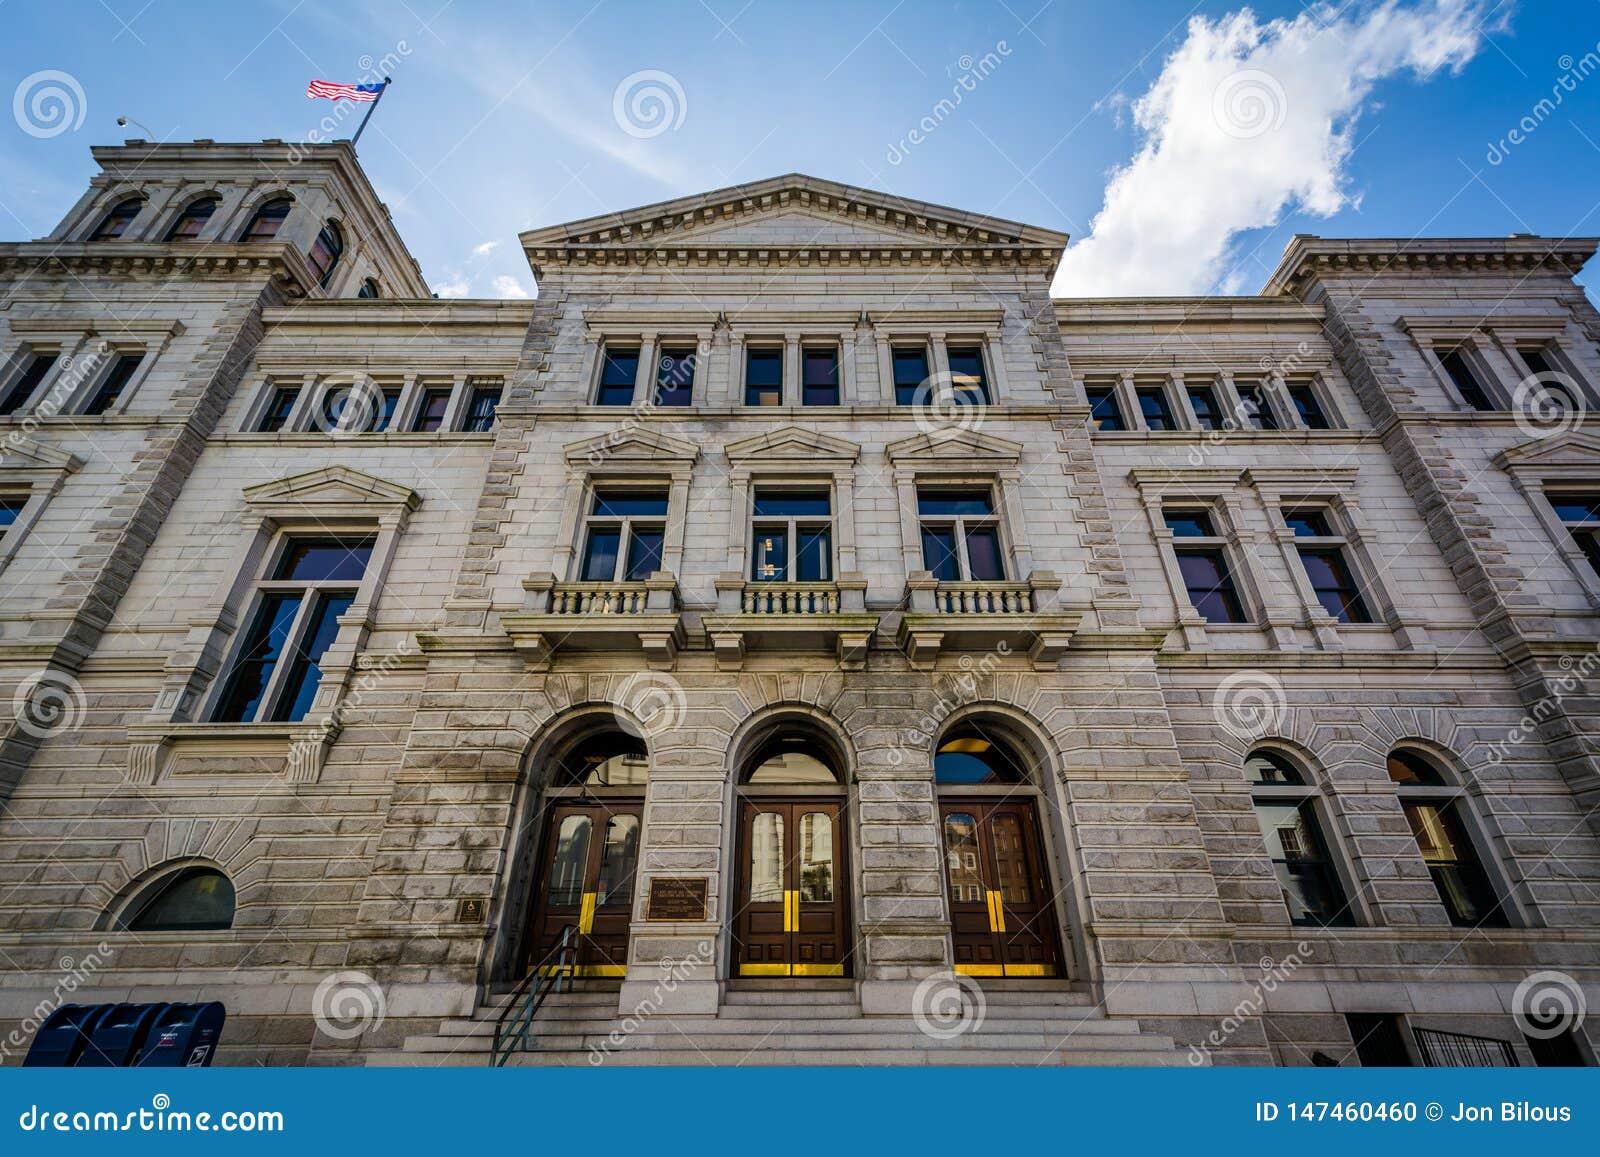 Σπίτι Ηνωμένων ταχυδρομείου και δικαστηρίου, στο Τσάρλεστον, νότια Καρολίνα